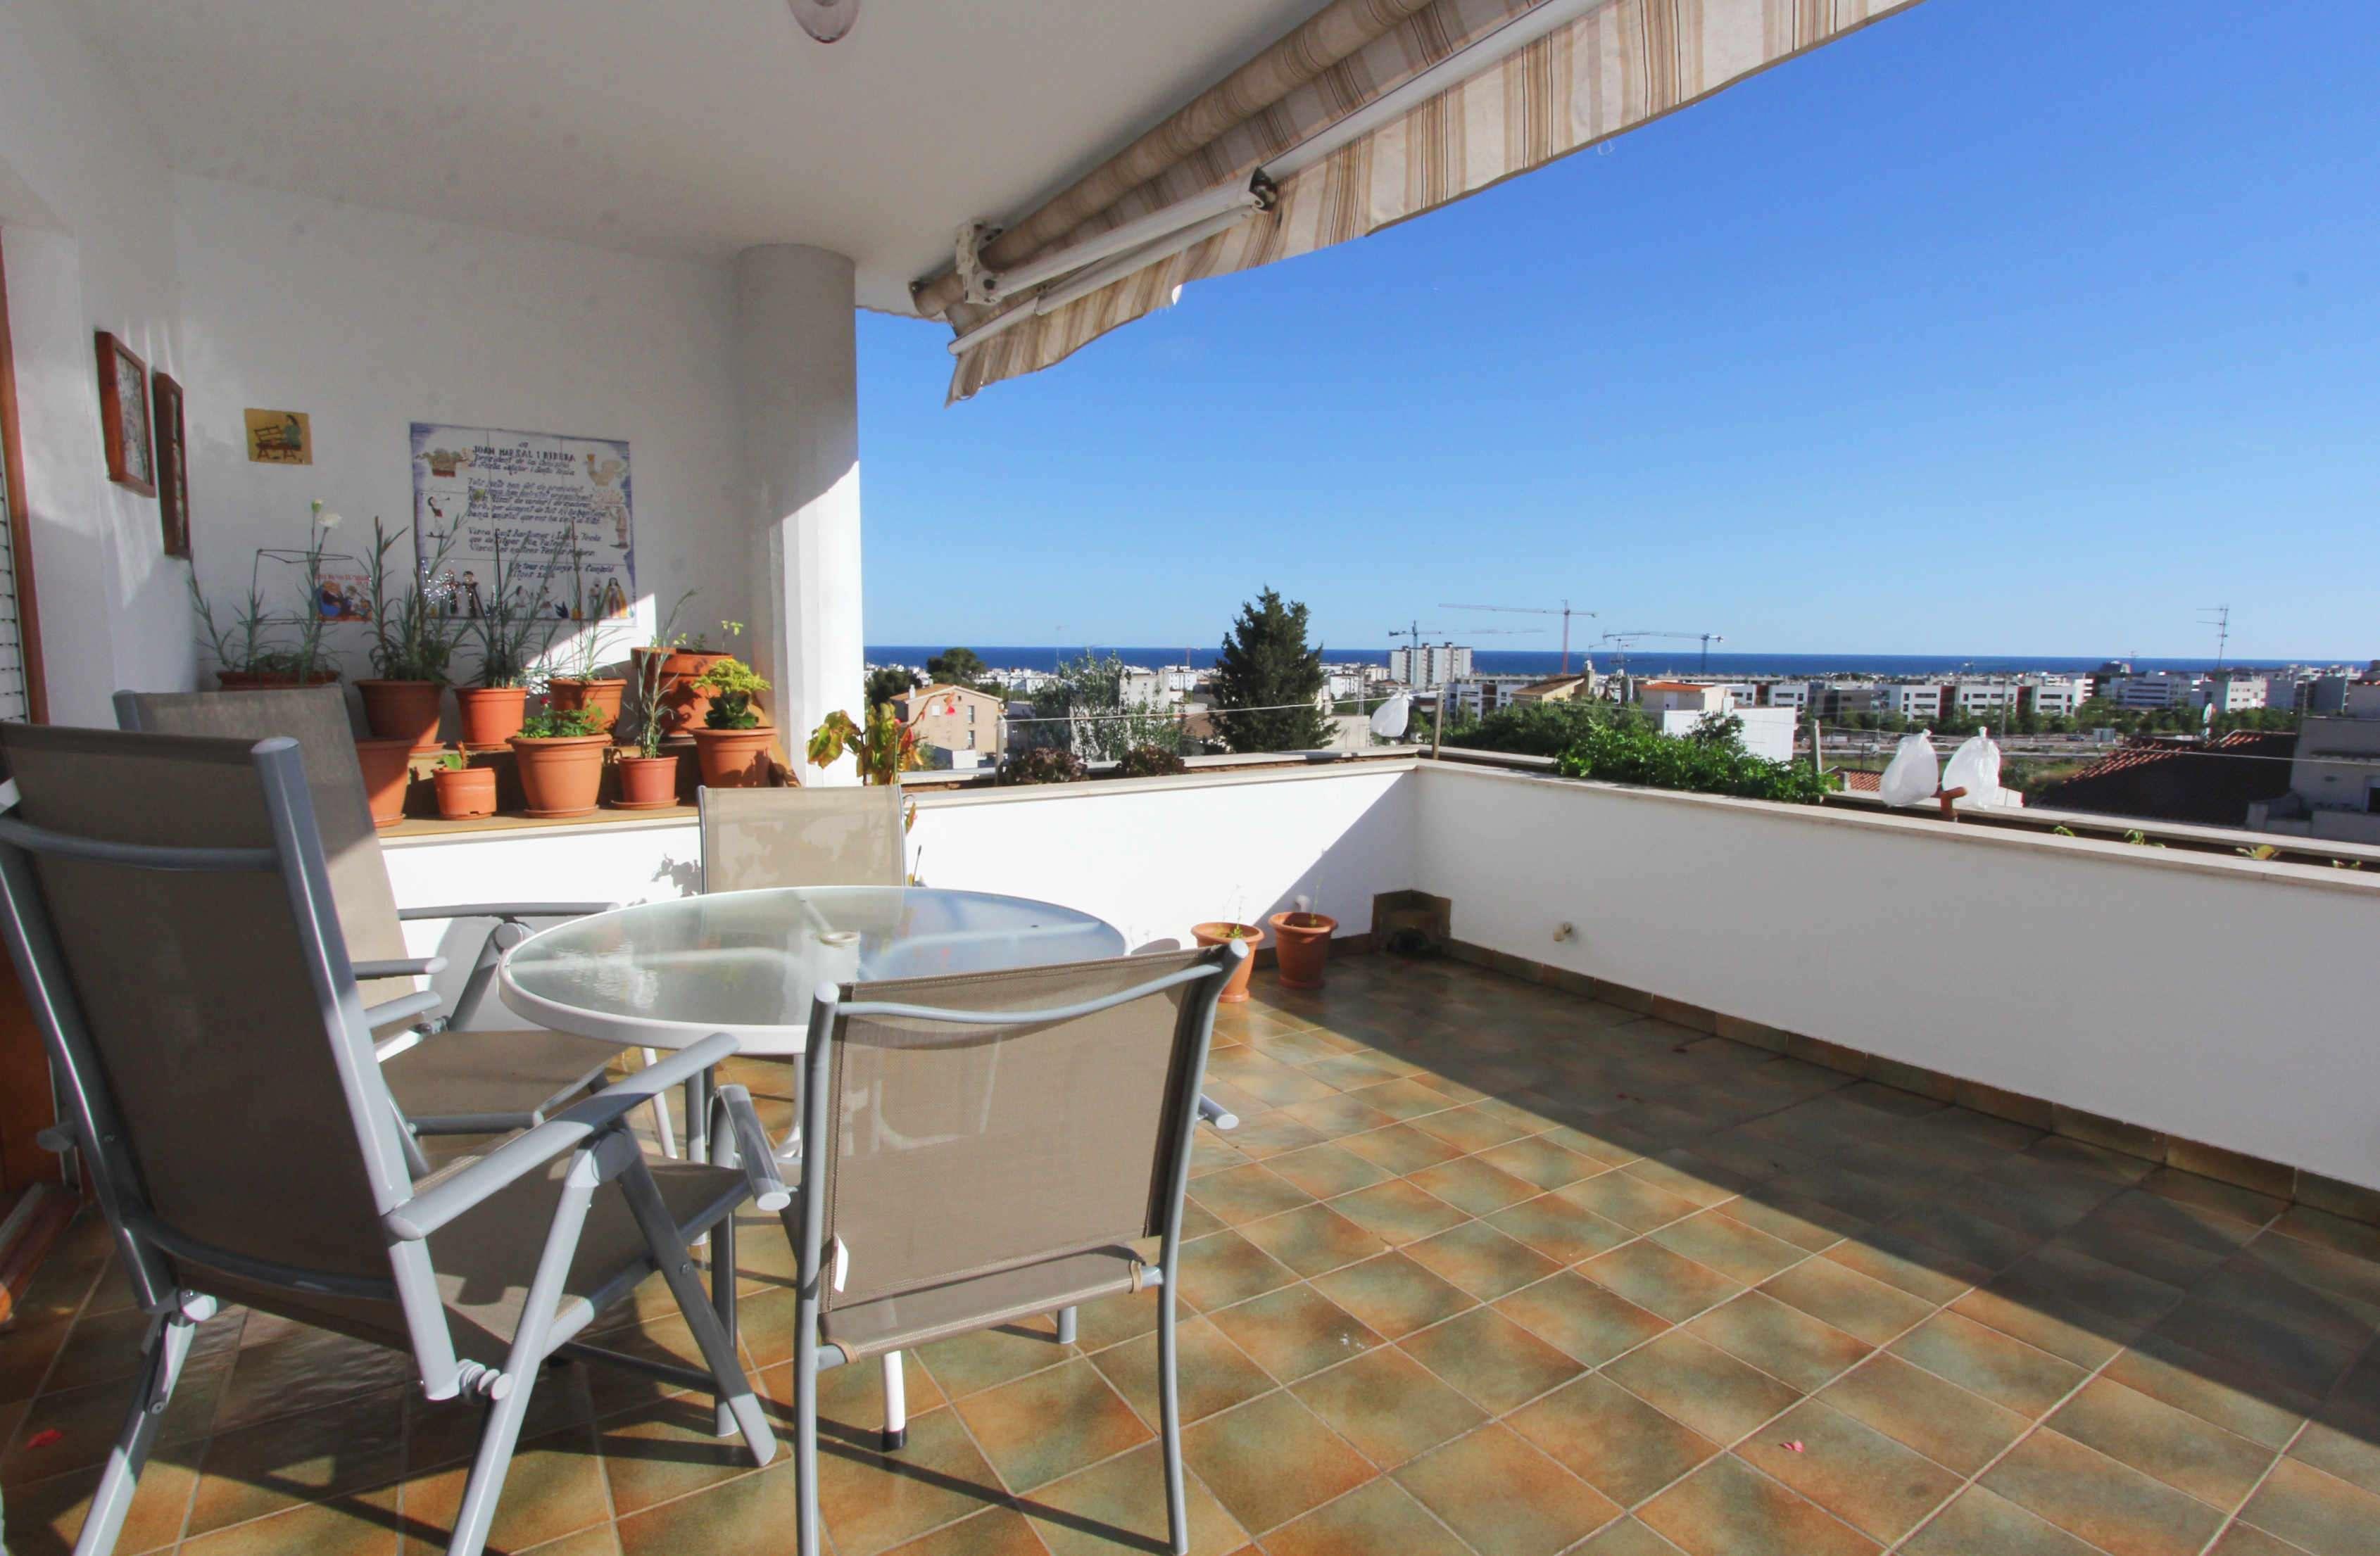 Ático dúplex con vistas al mar en La Bóvila, Sitges